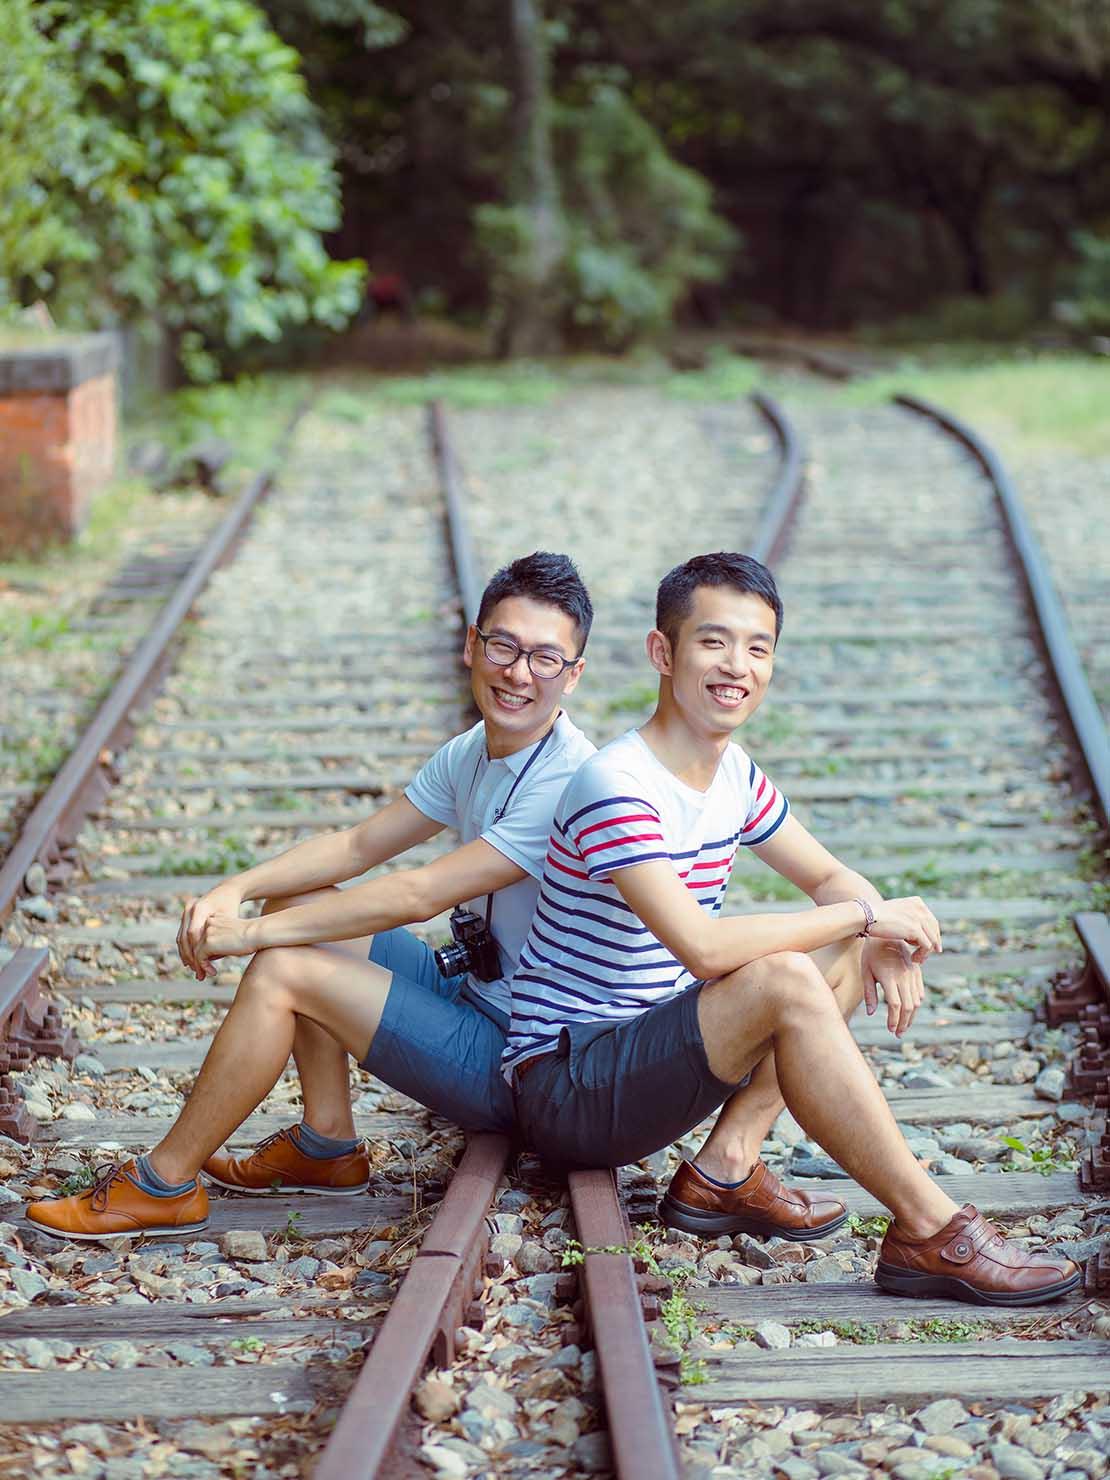 KKday台湾旅行・出張撮影サービス撮影サンプル(線路に座る2人)